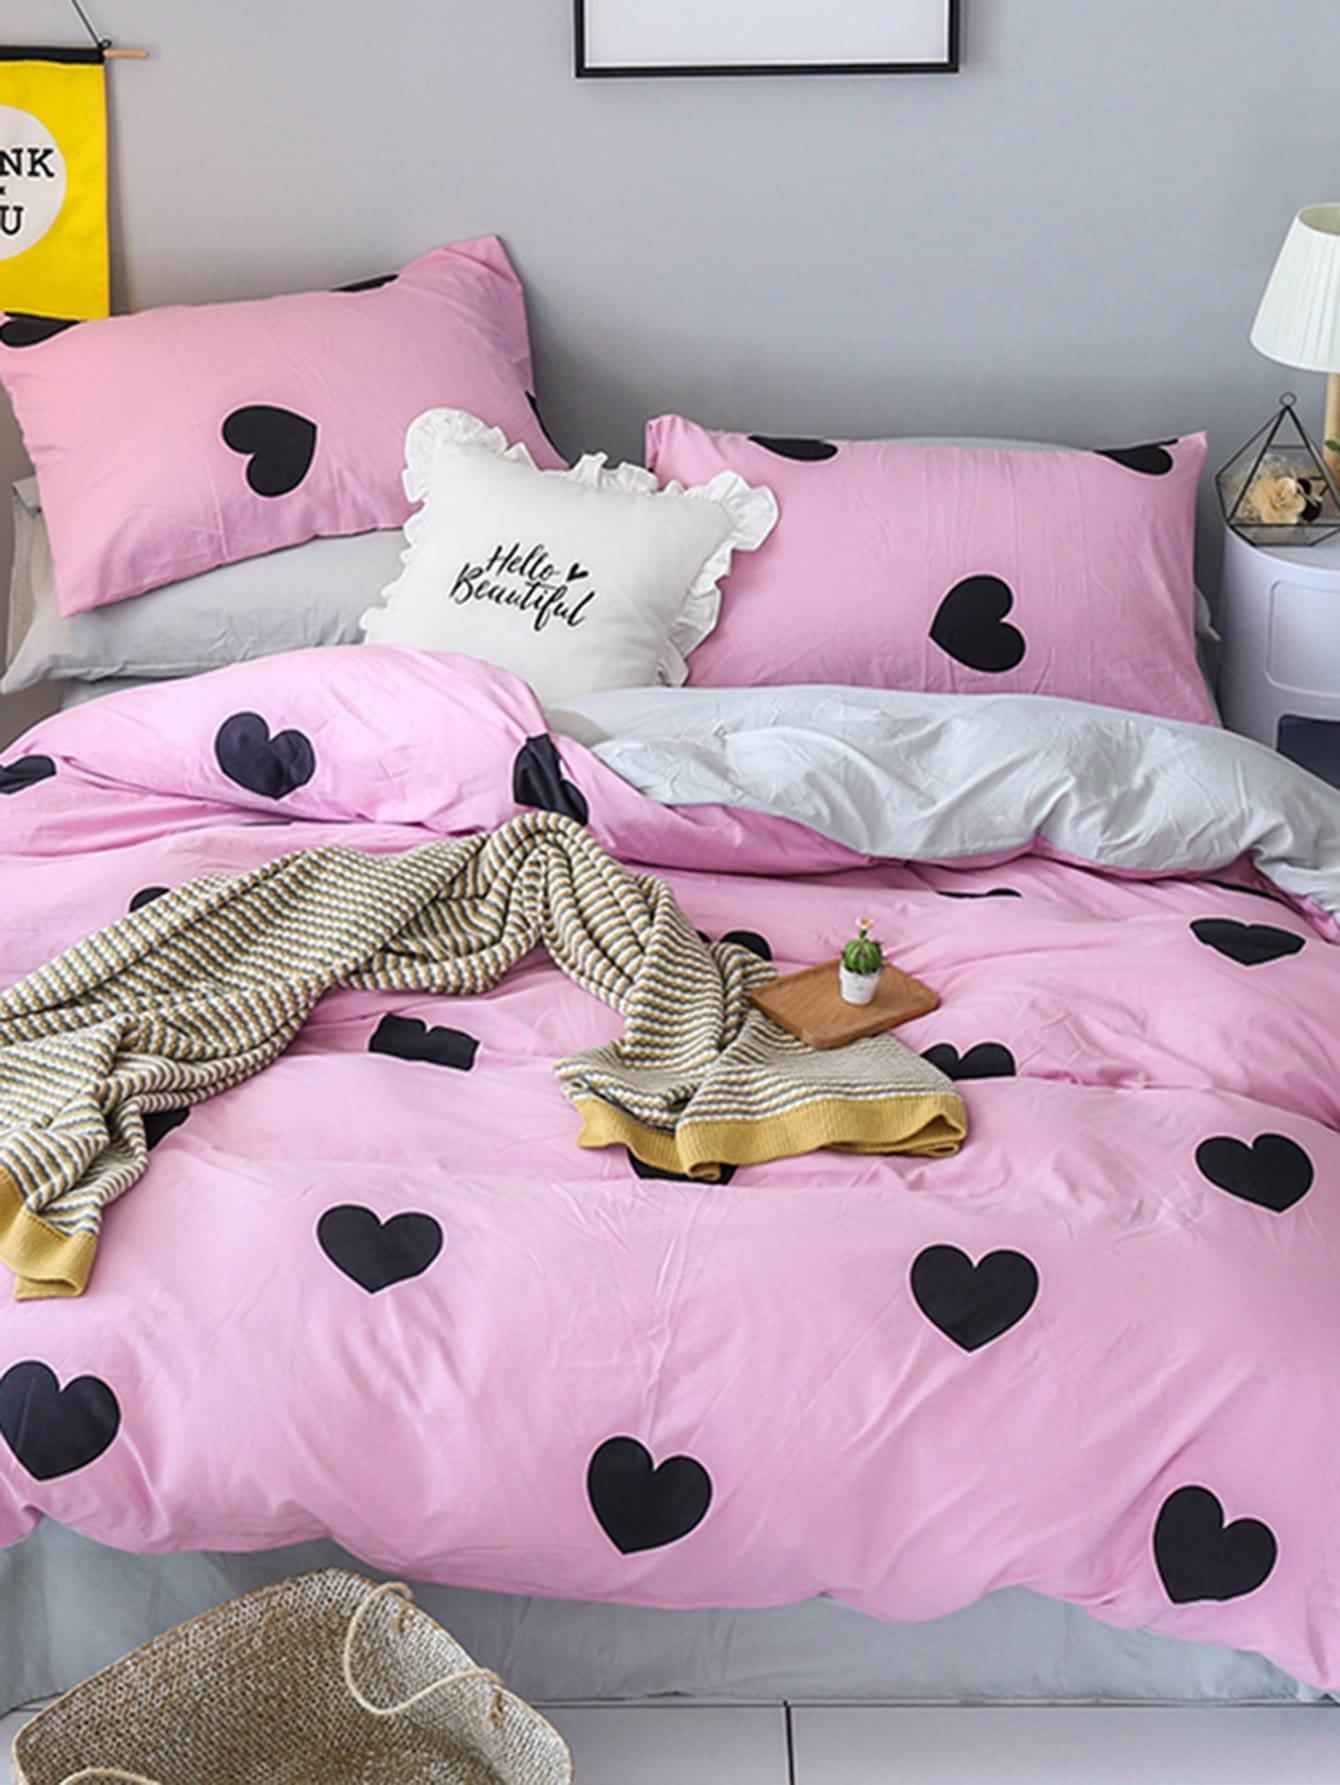 Комплект постельного белья с надписью и сердце, null, SheIn  - купить со скидкой